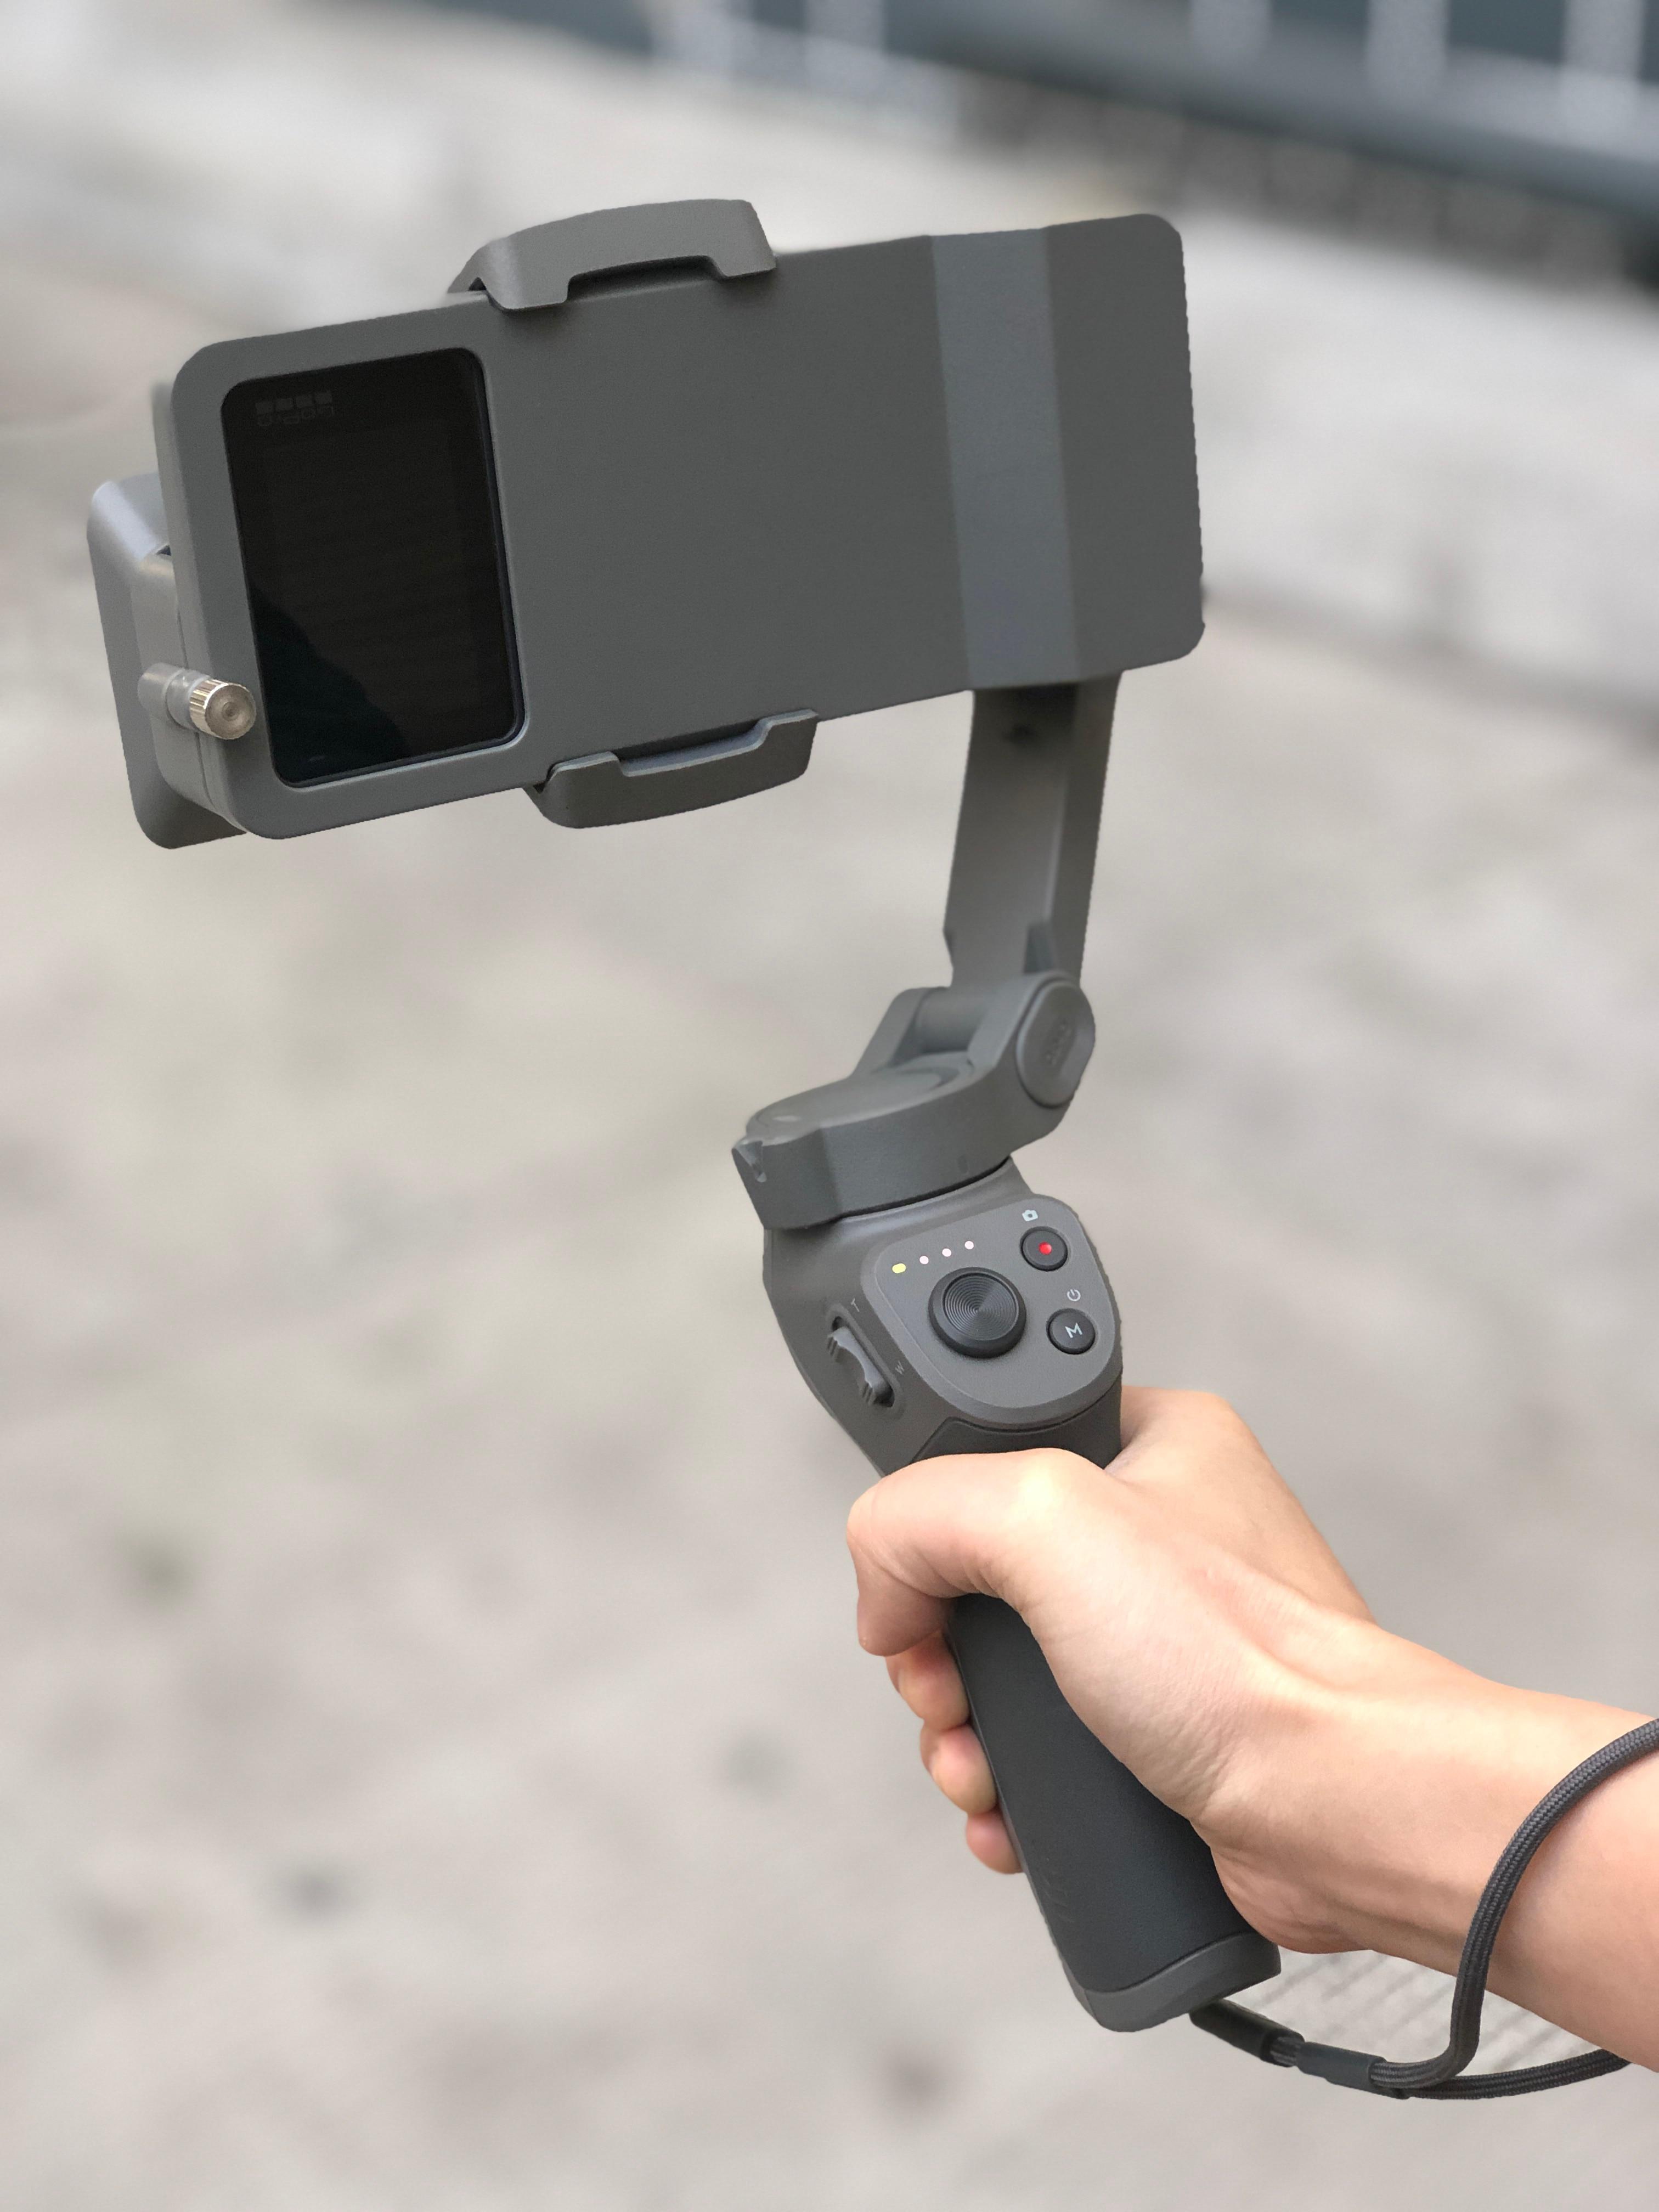 Zaktualizowana wersja kardana ręczna przejściówka do dji osmo mobile 3 do GoPro Hero 7 6 5 czarna kamera przełącz Adapter płyty